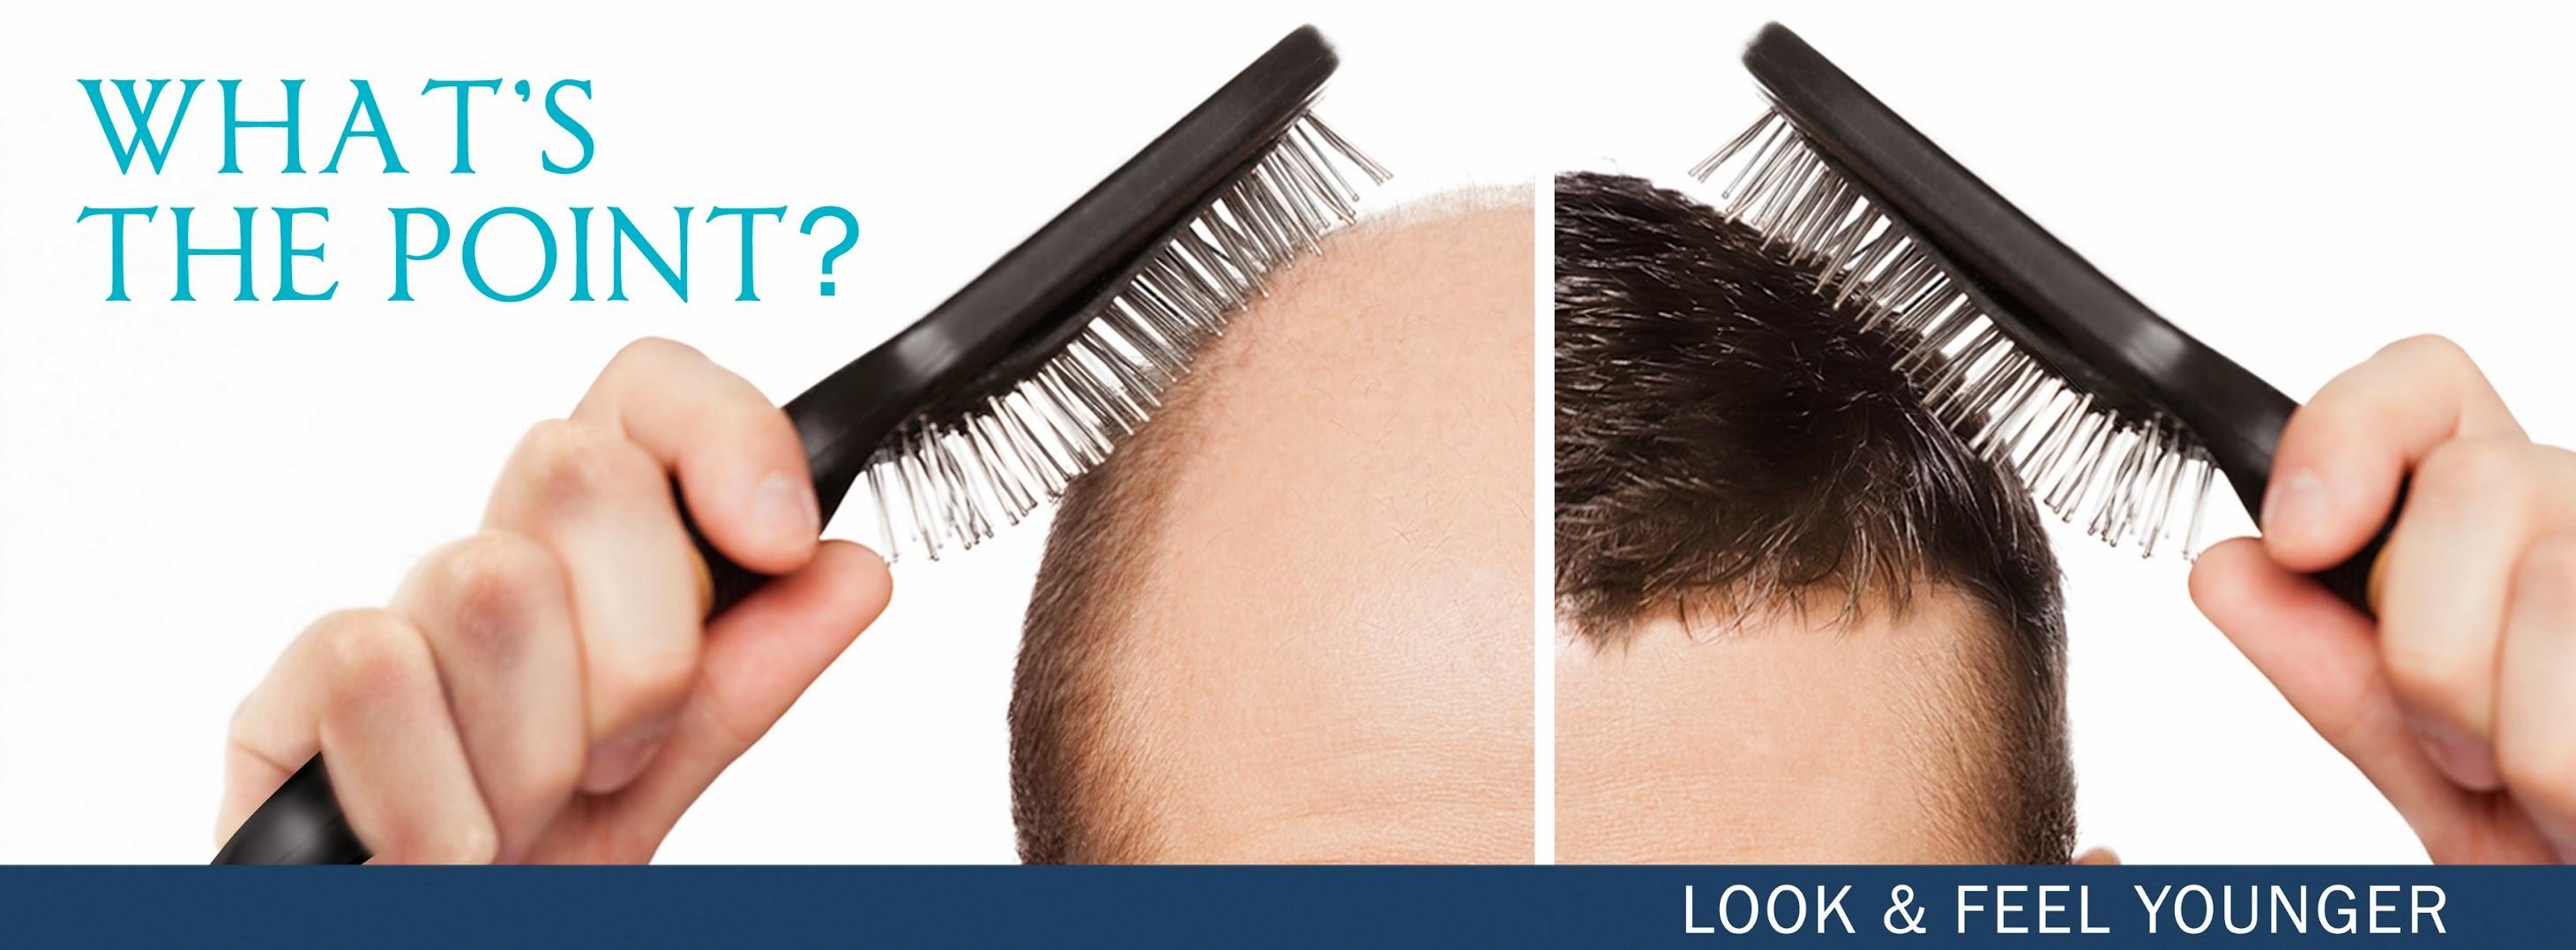 توضيحات عن زراعة الشعر في ايران ( مشهد )